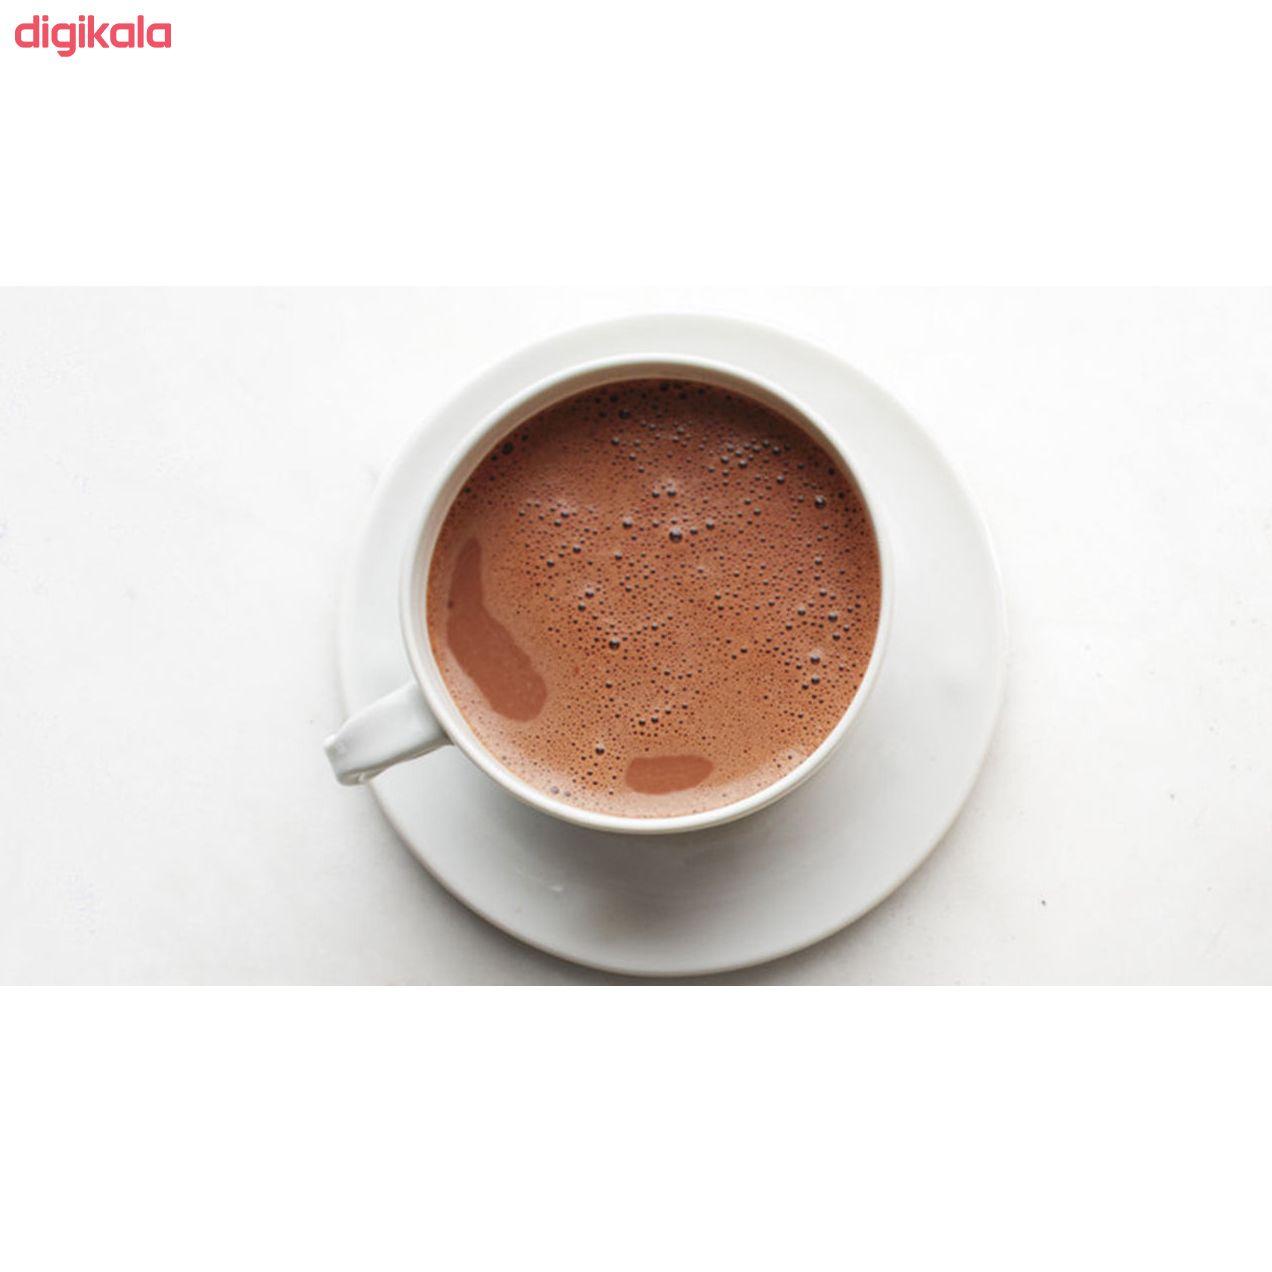 ساشه هات چاکلت مولتی کوکو - 27 گرم main 1 4